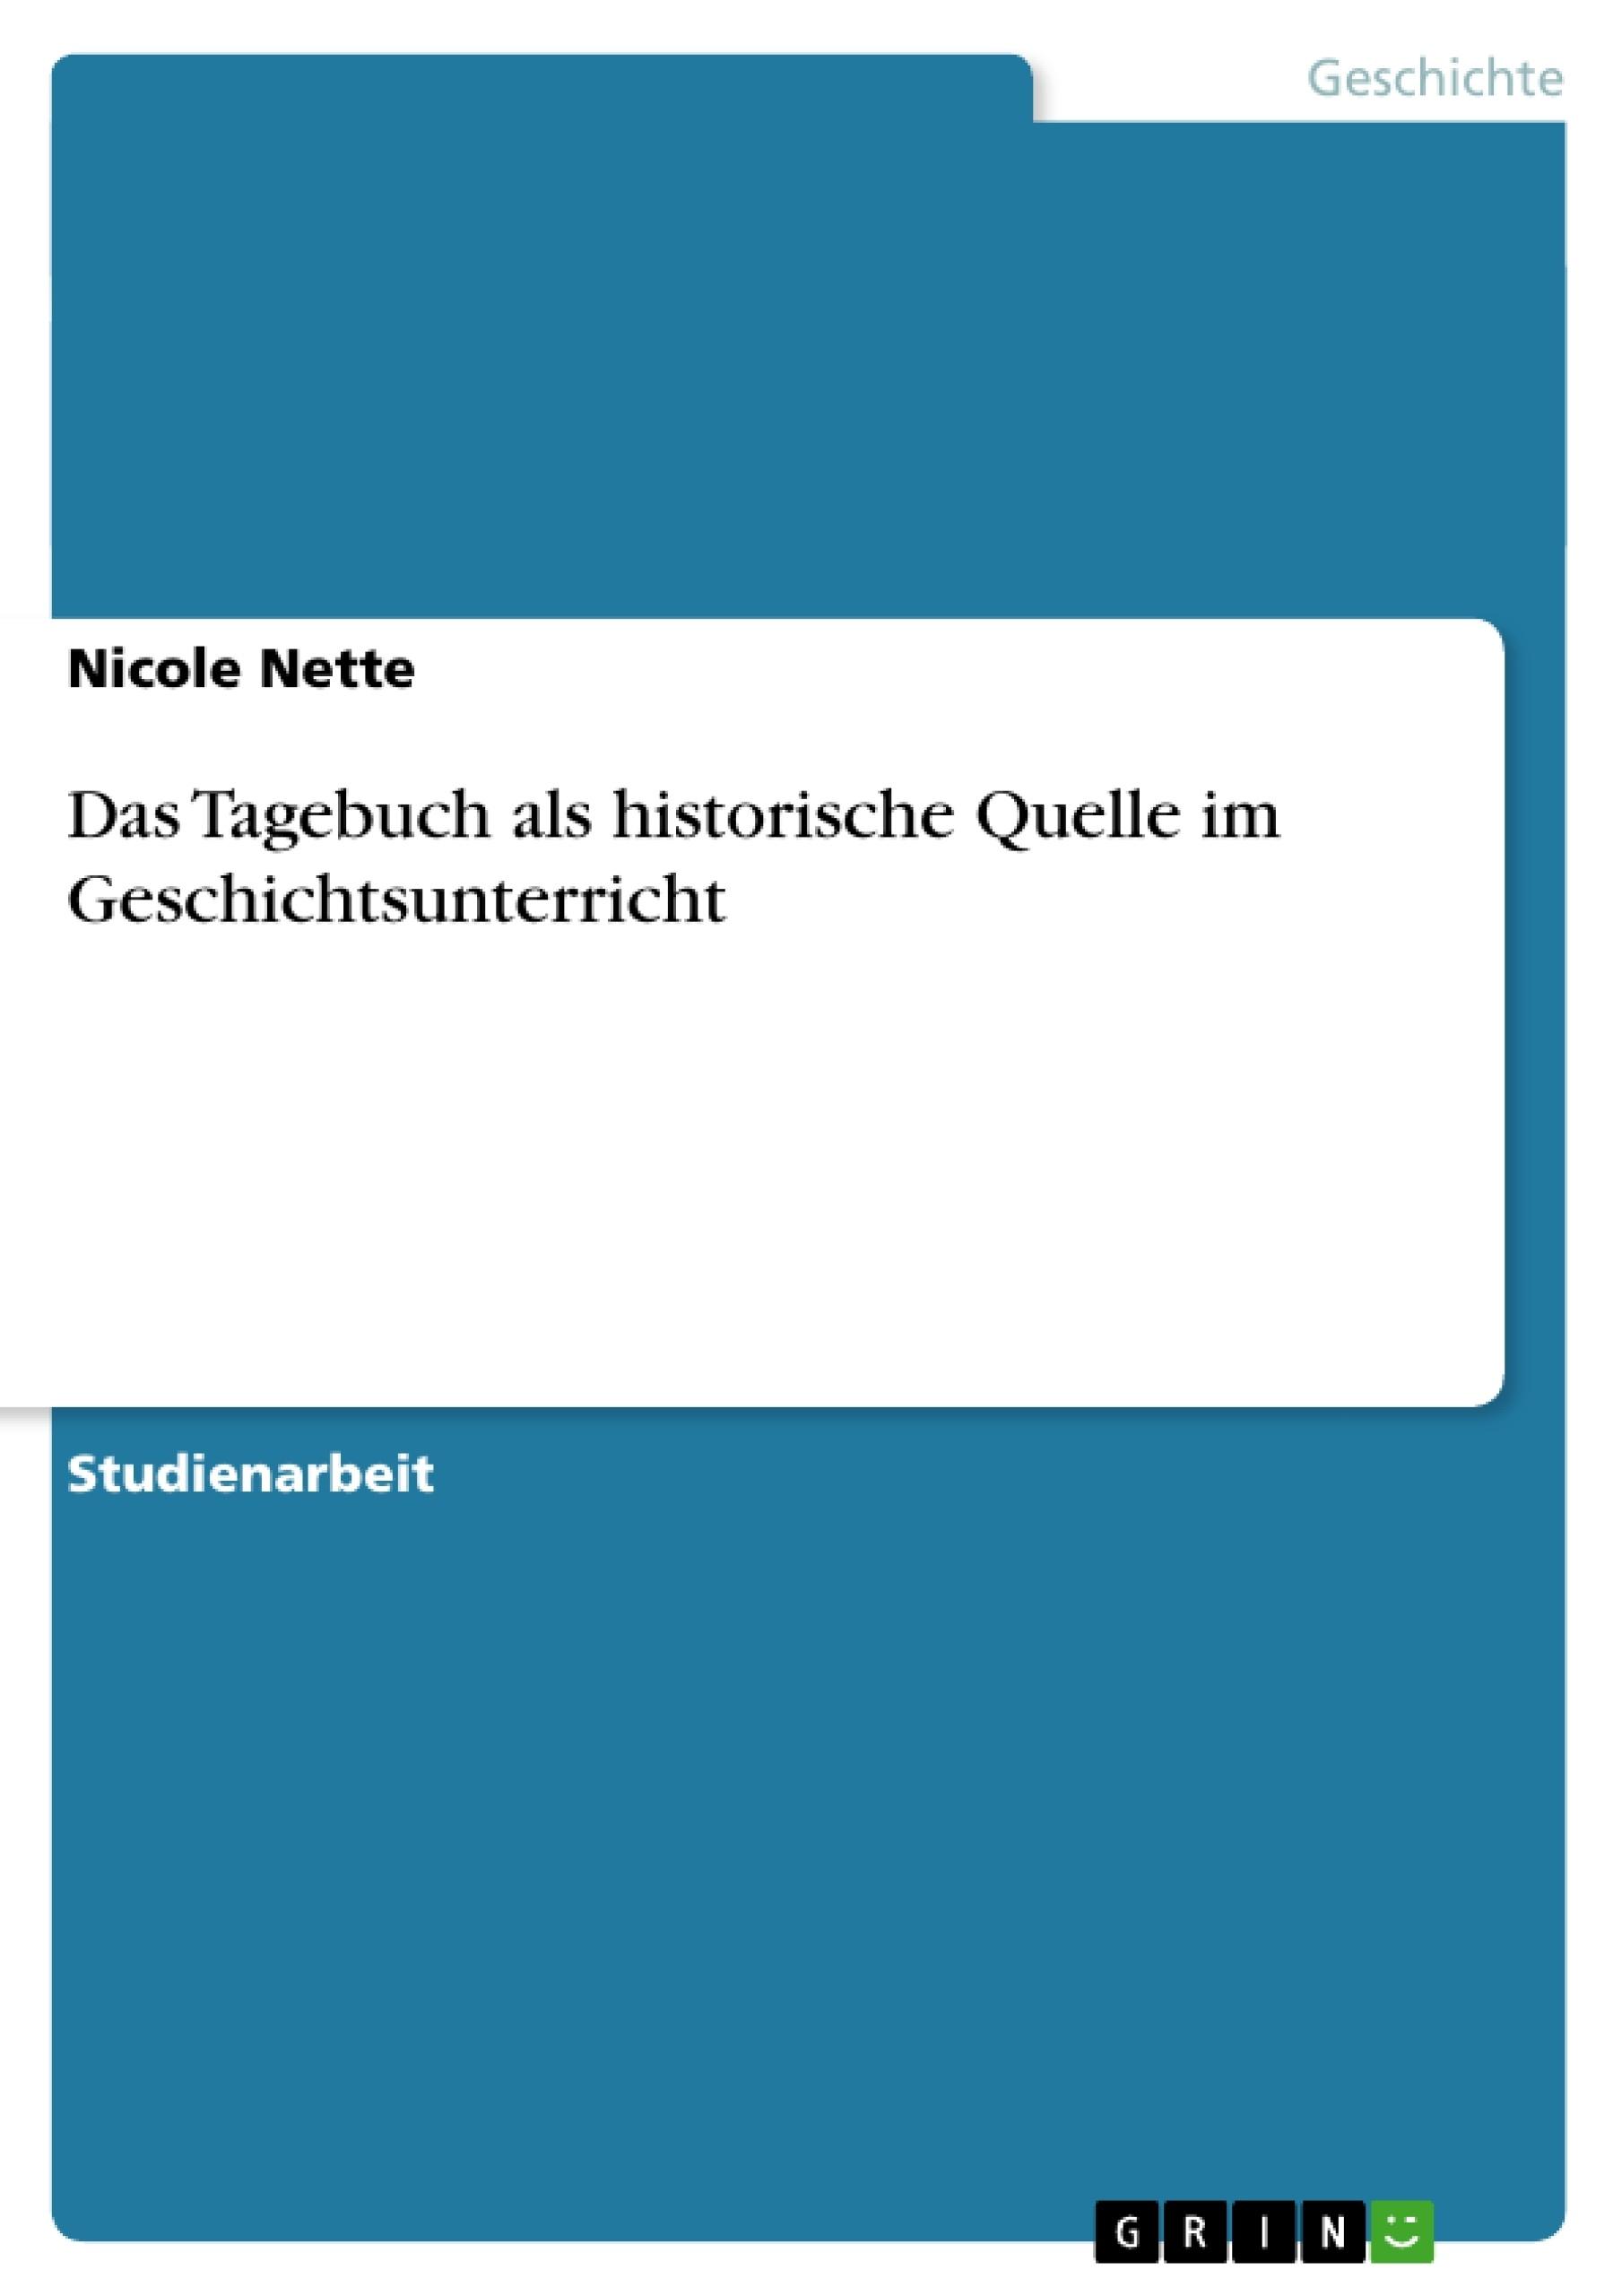 Titel: Das Tagebuch als historische Quelle im Geschichtsunterricht